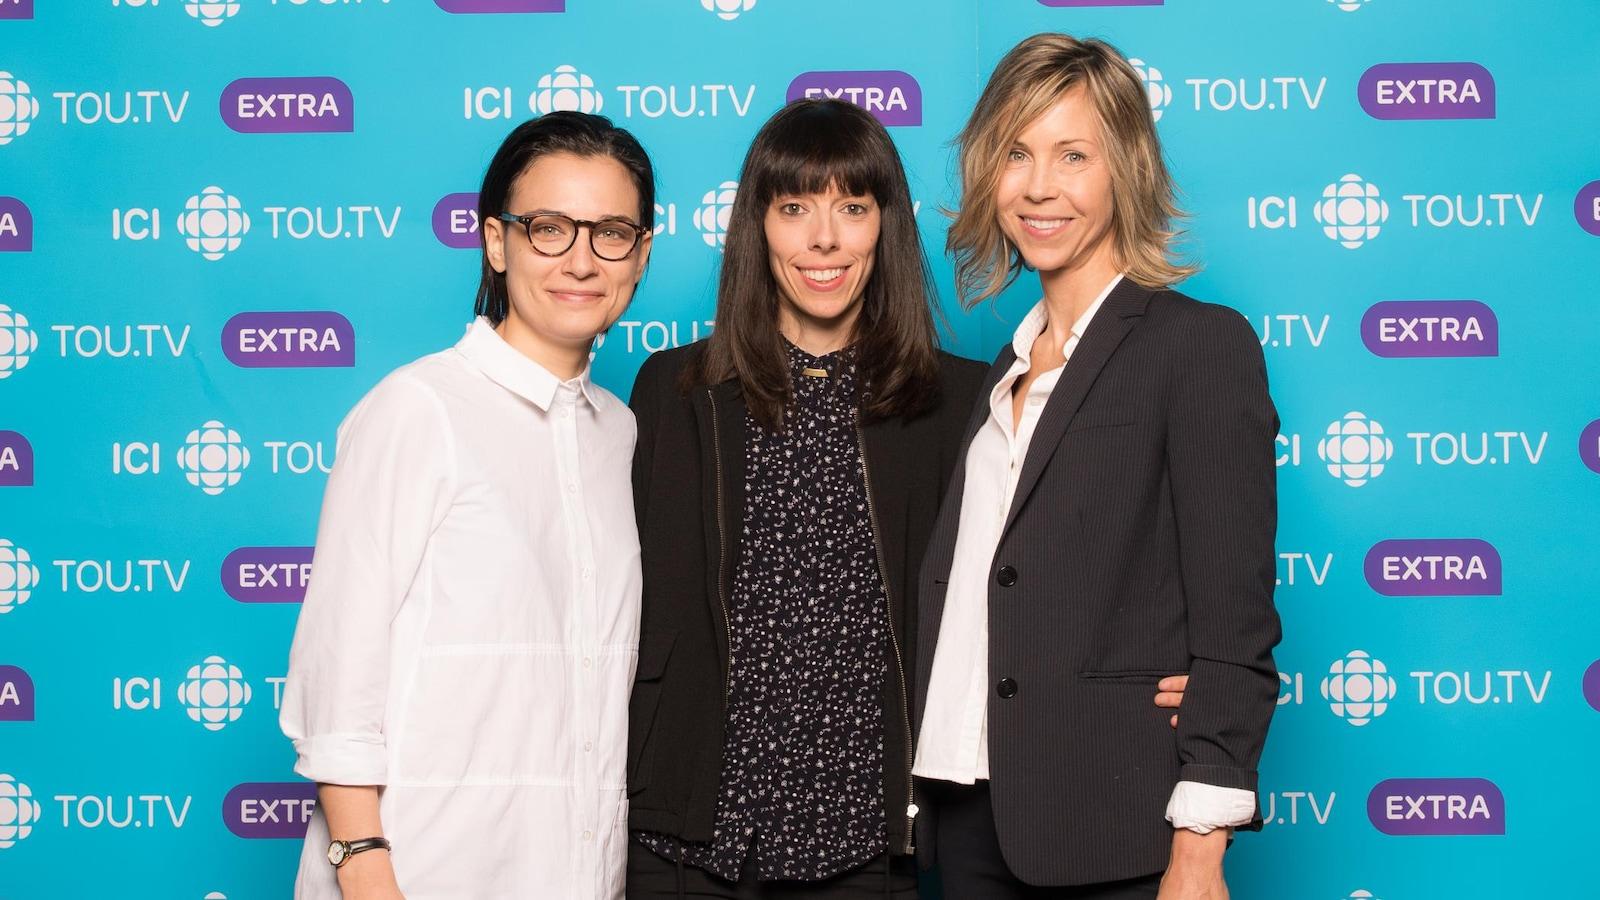 Les trois femmes posent devant le fond ICI Tou.tv Extra.